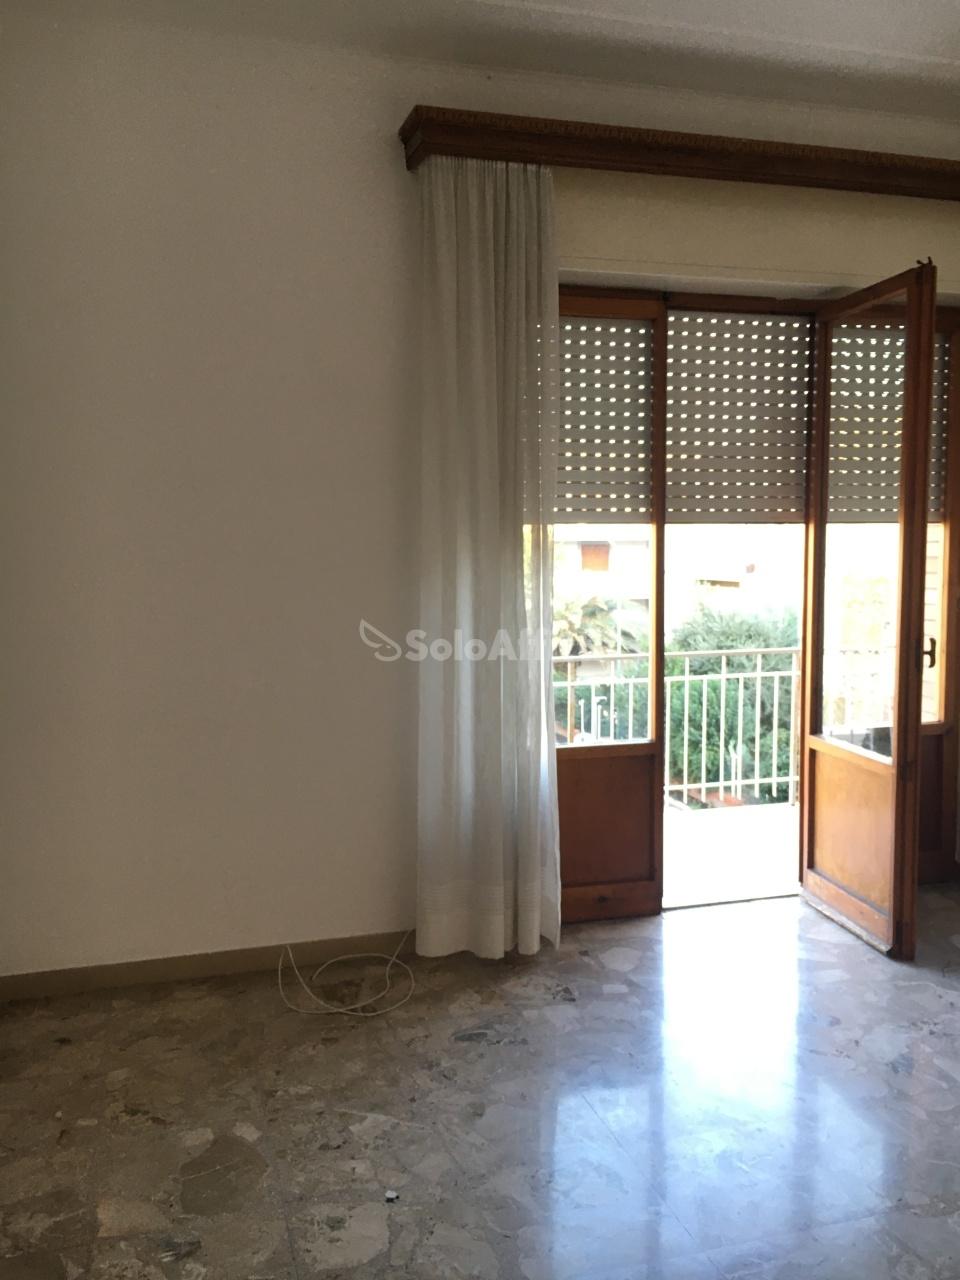 Appartamento, 130 Mq, Affitto - Grosseto (GR)